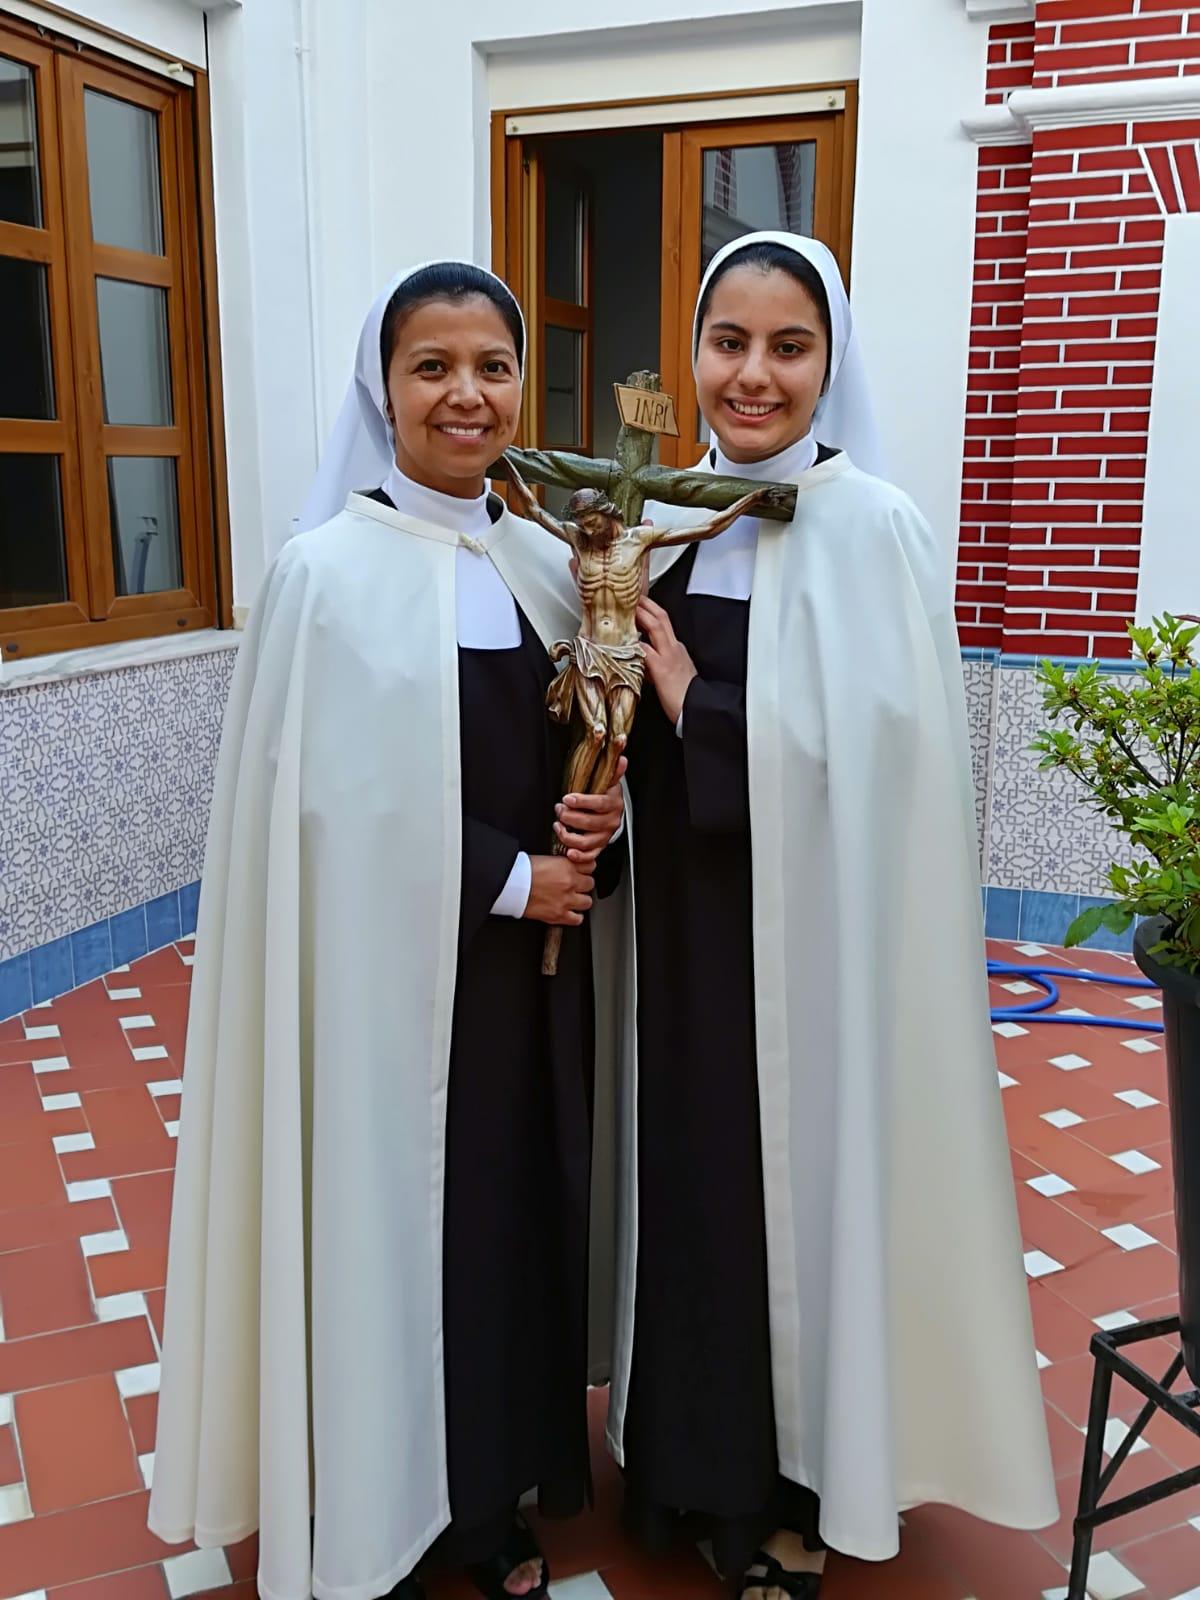 Toma de hábito en el Carmelo de Ntra. Sra. de los Ángeles de Badajoz